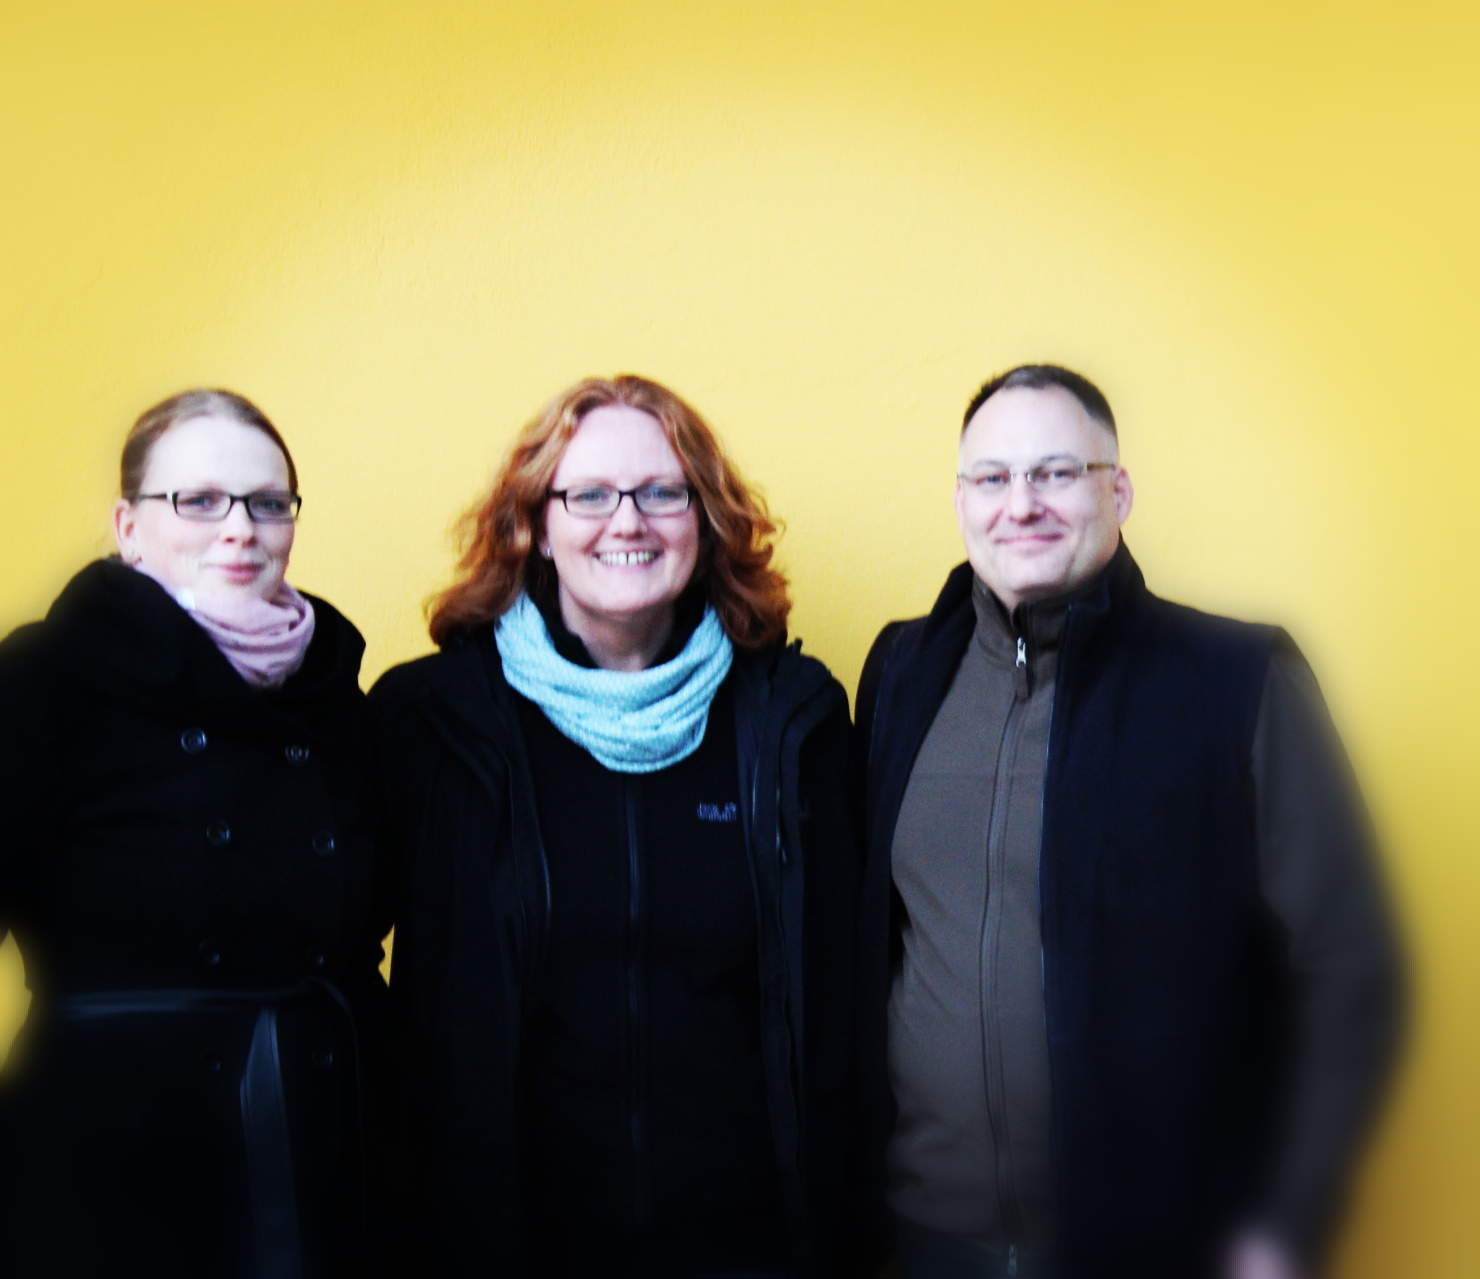 Von der MV 2018 gewählter Vorstand Franziska Stiller (Kassenwartin), Sandra Hoeppner (1. Vorsitzende), Dirk Osinski (ehemaliger 2. Vorsitzender)